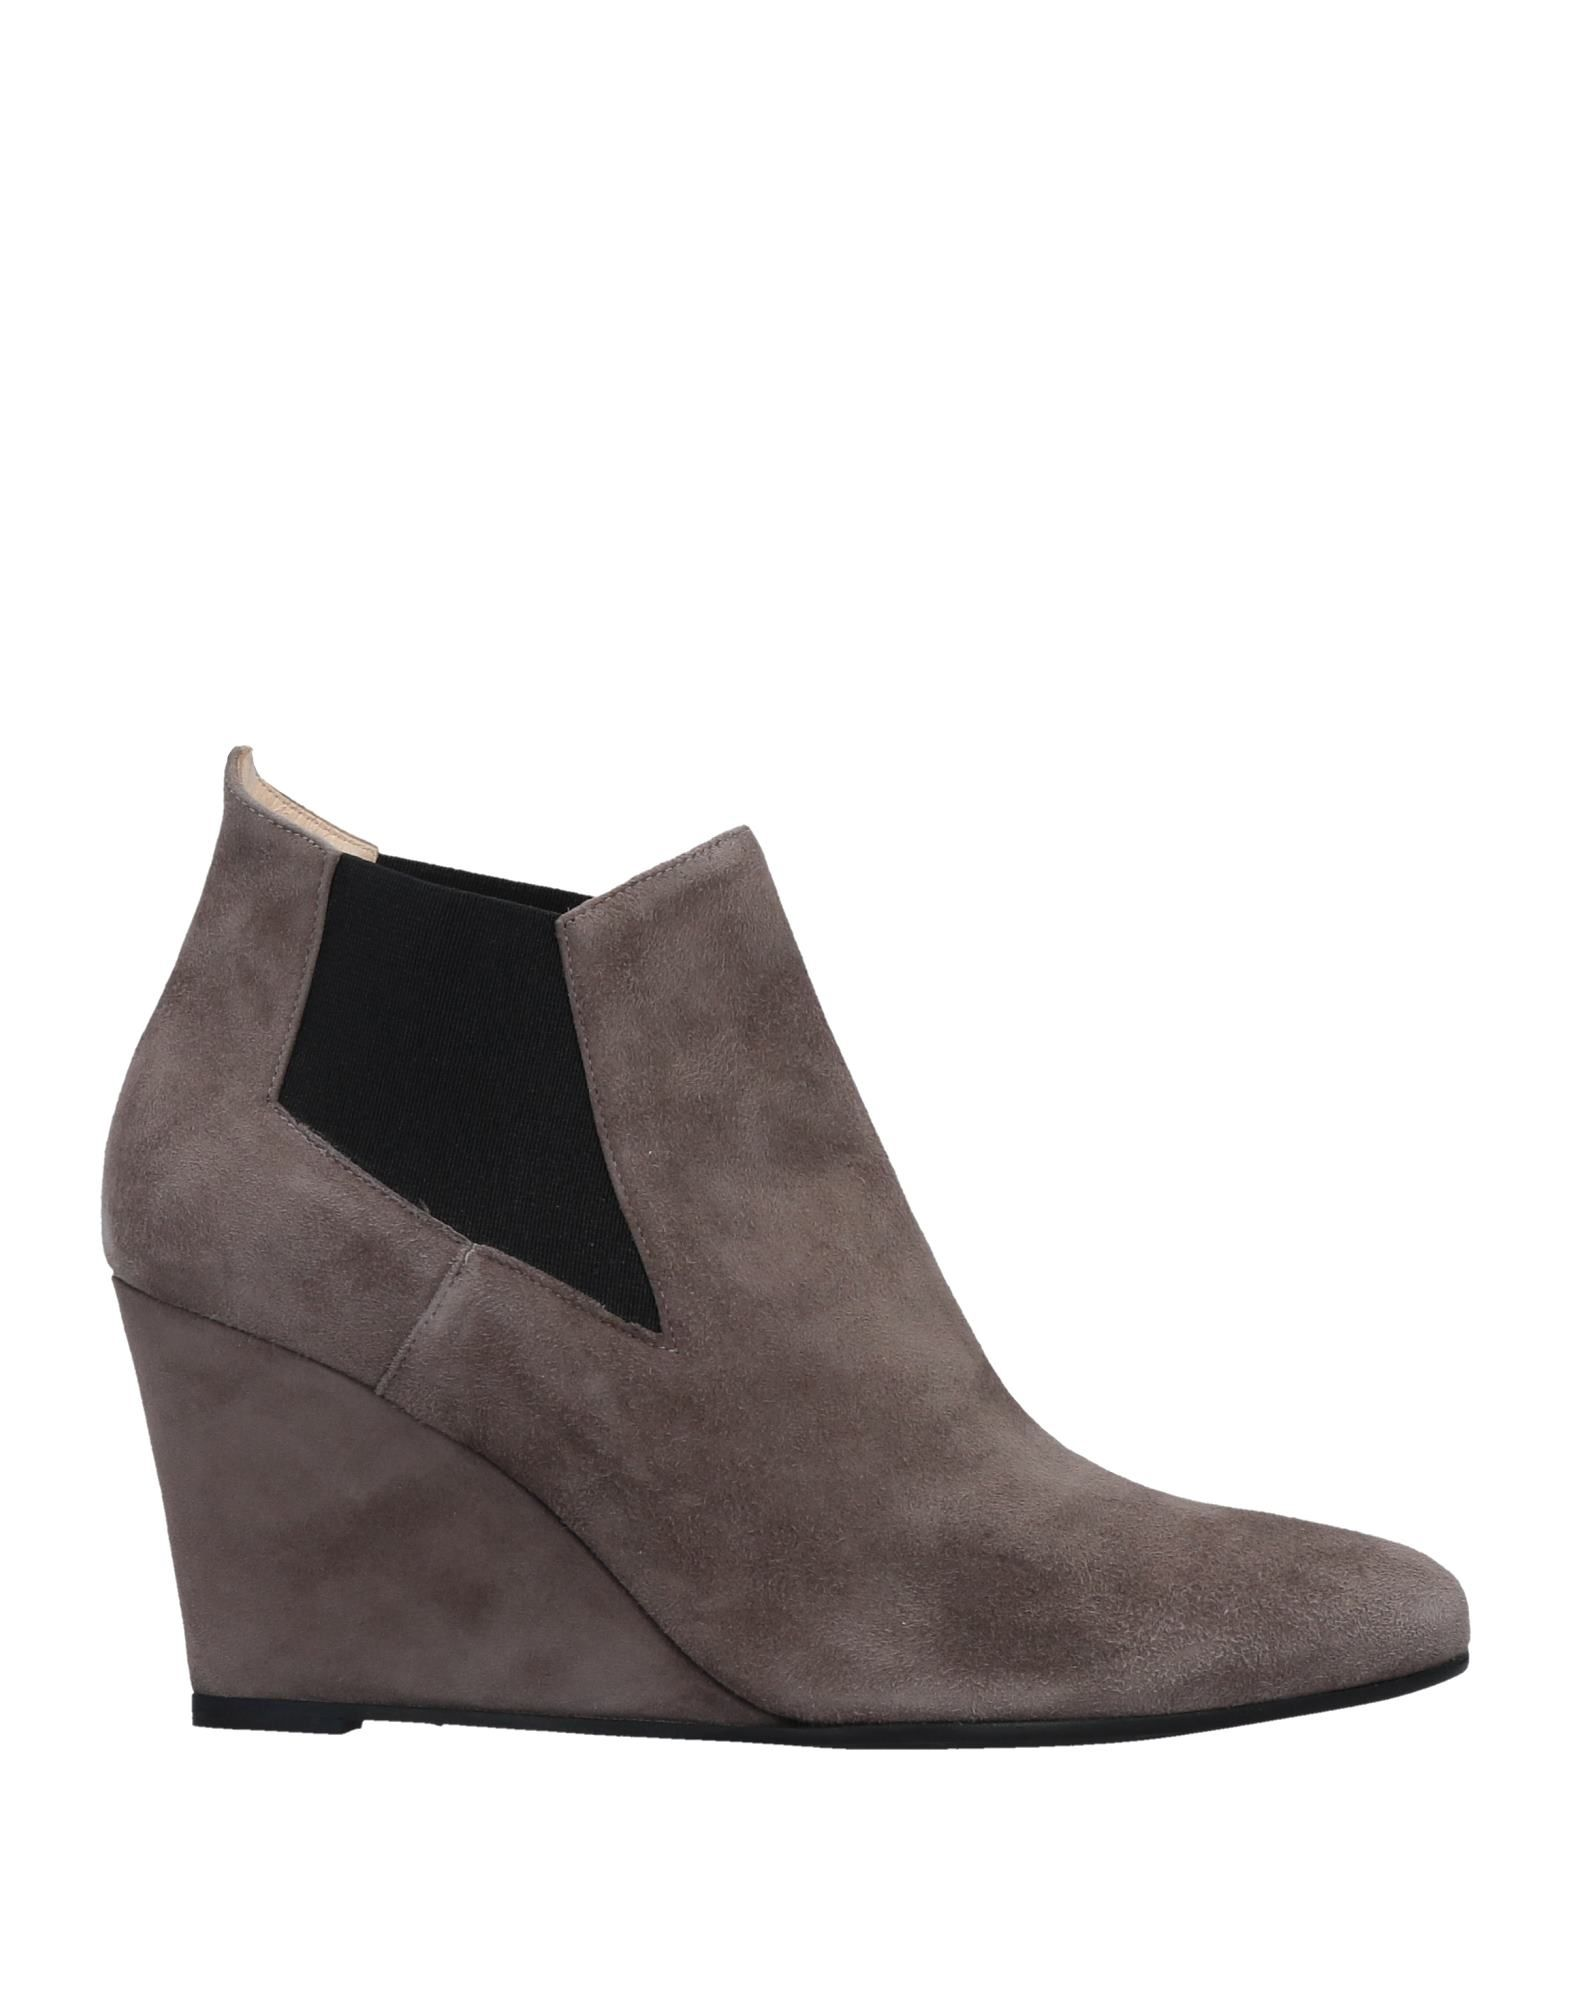 K. Spin Chelsea Boots Damen  11509561JX Gute Qualität beliebte Schuhe